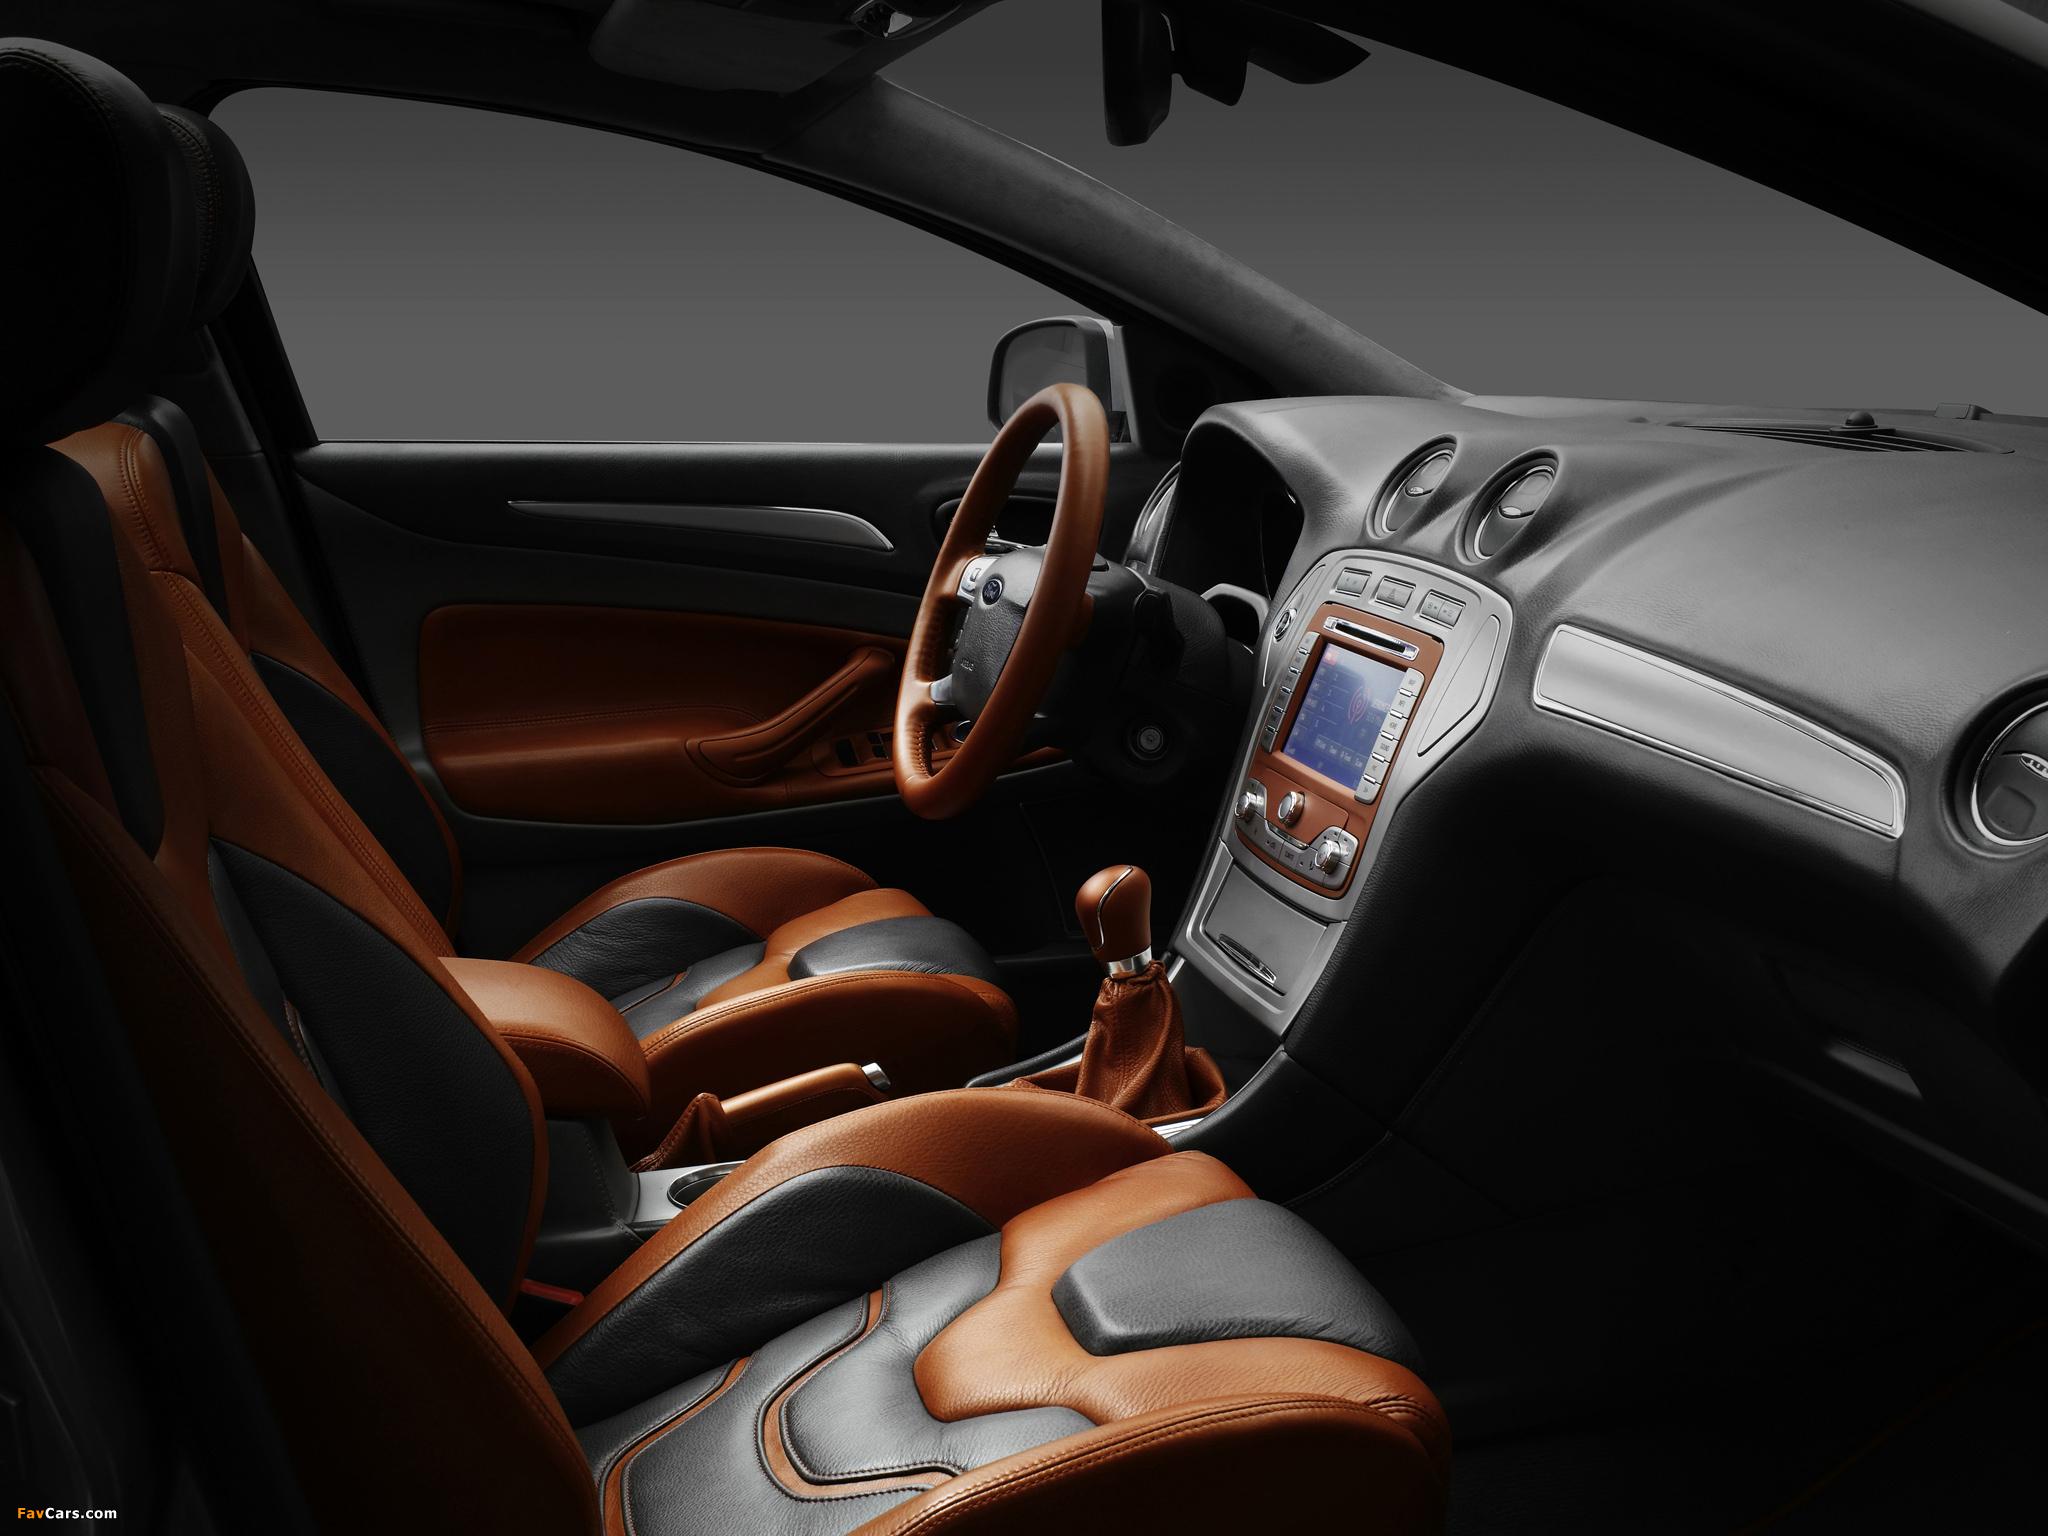 Что такое FordConvers+ на Ford Mondeo 4?